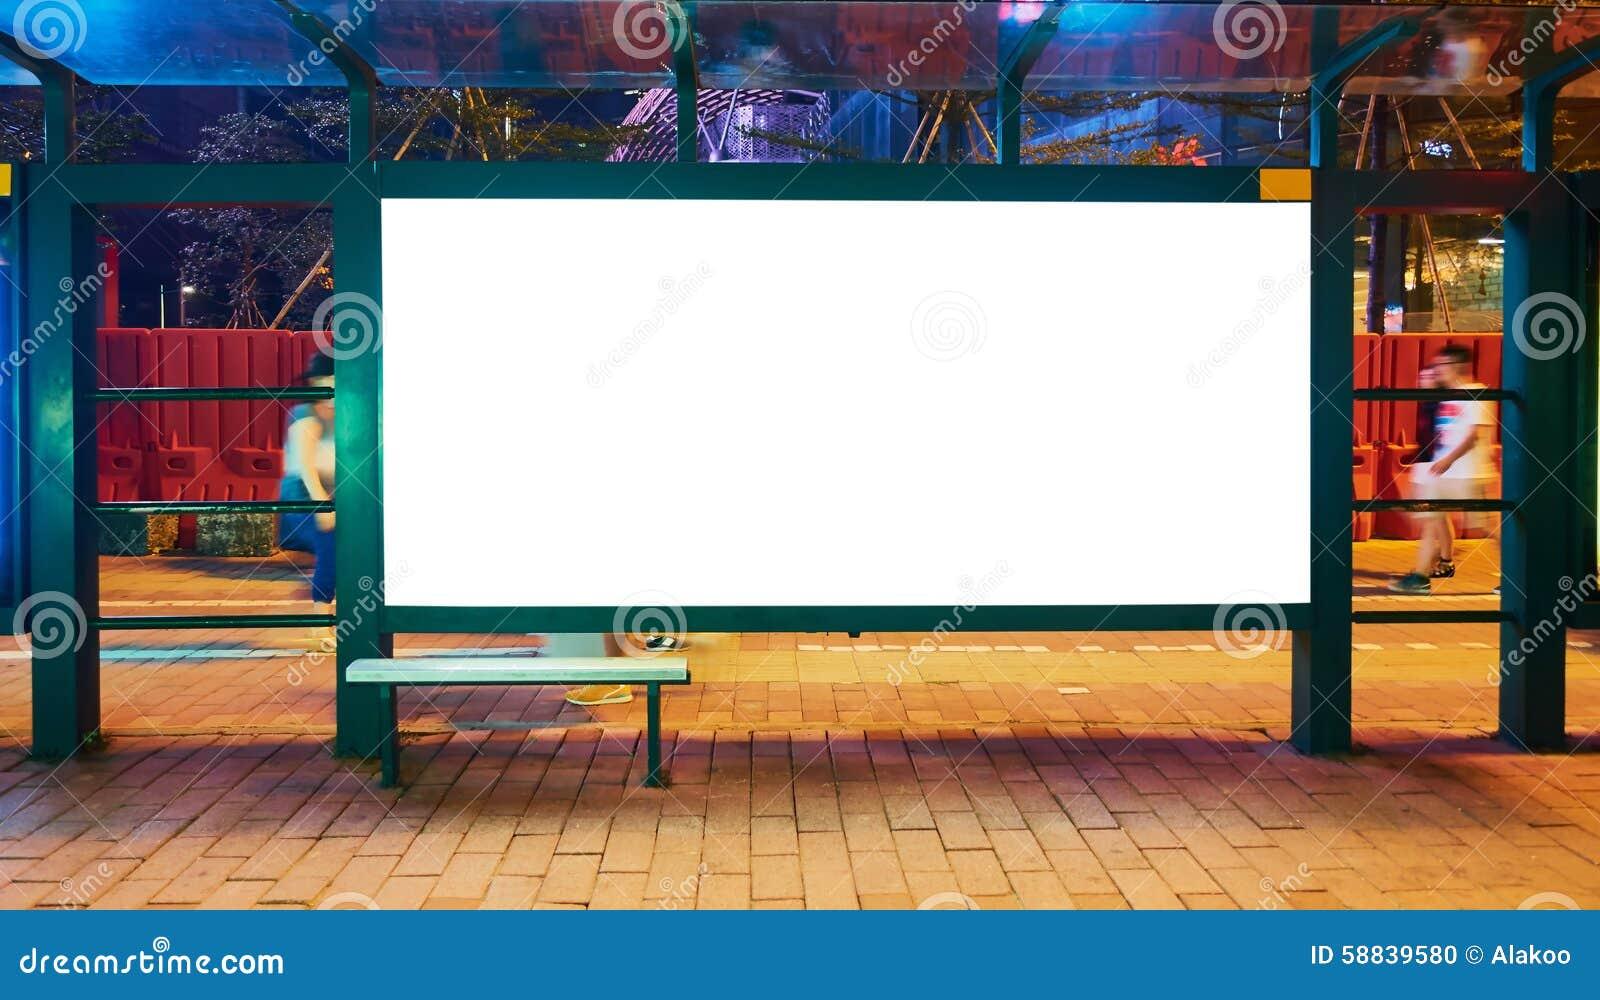 公共汽车站空白广告牌